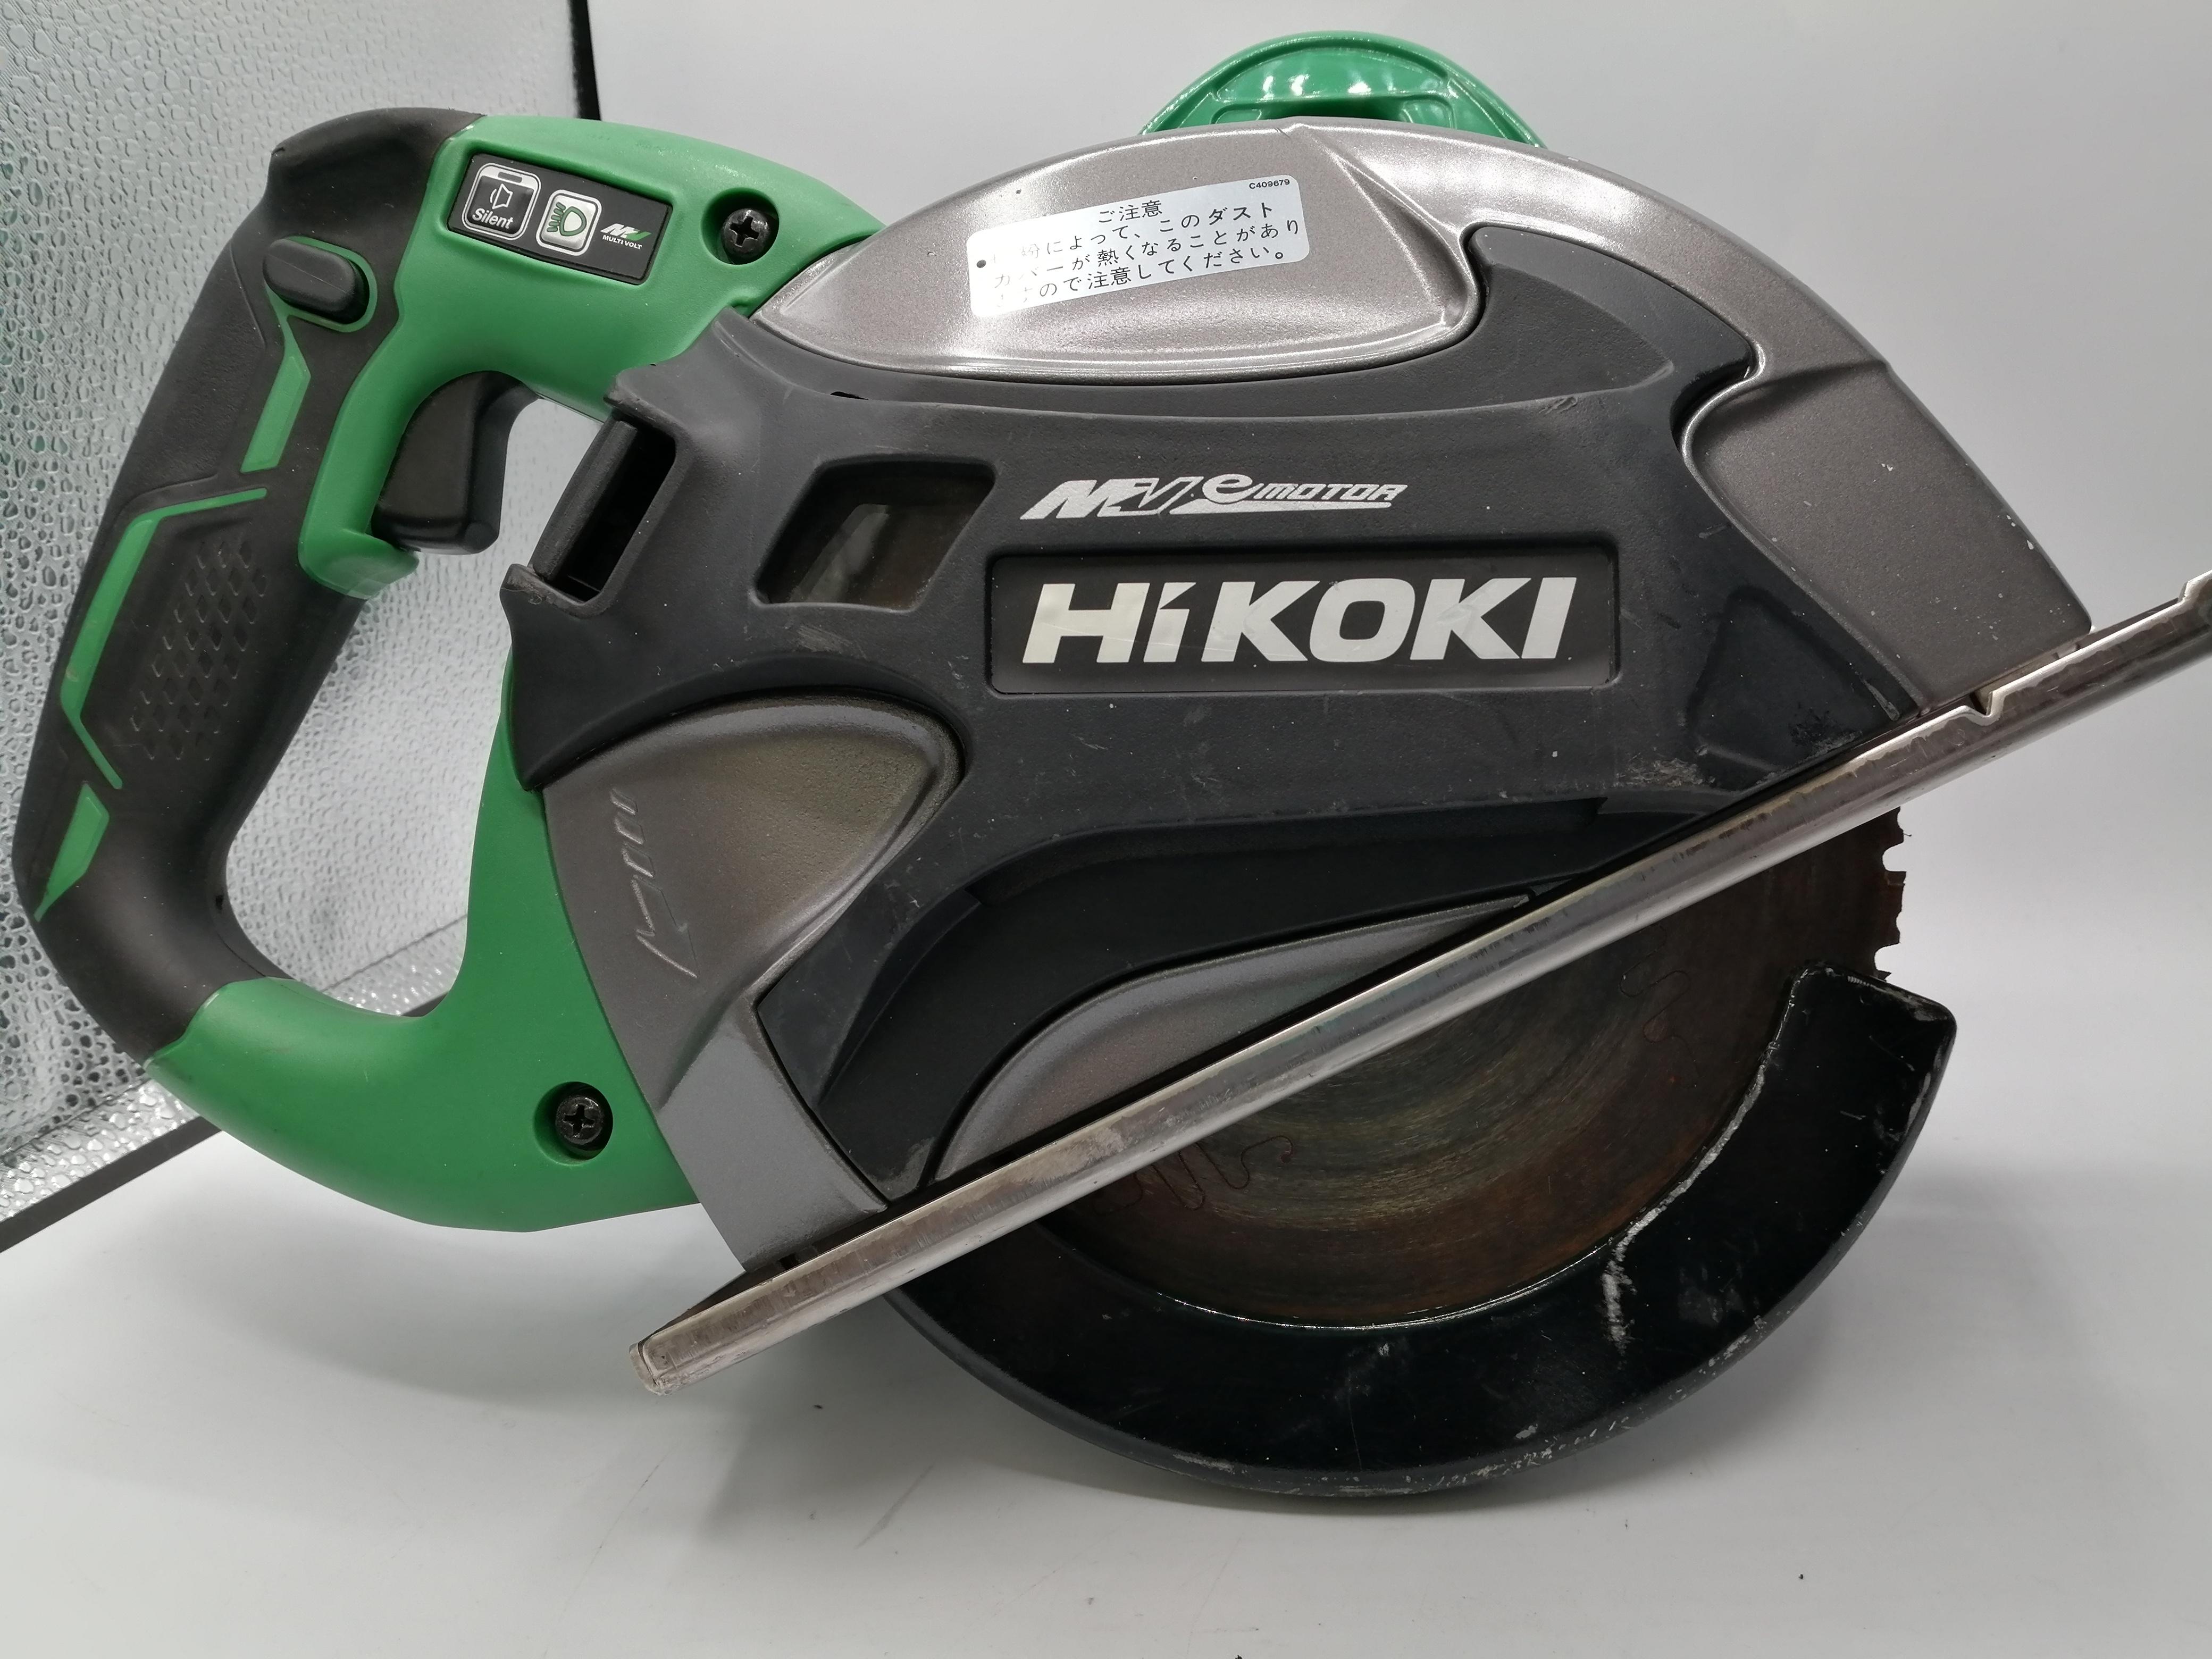 ★2020年10月製造★チップソーカッター(汚れあり) HIKOKI